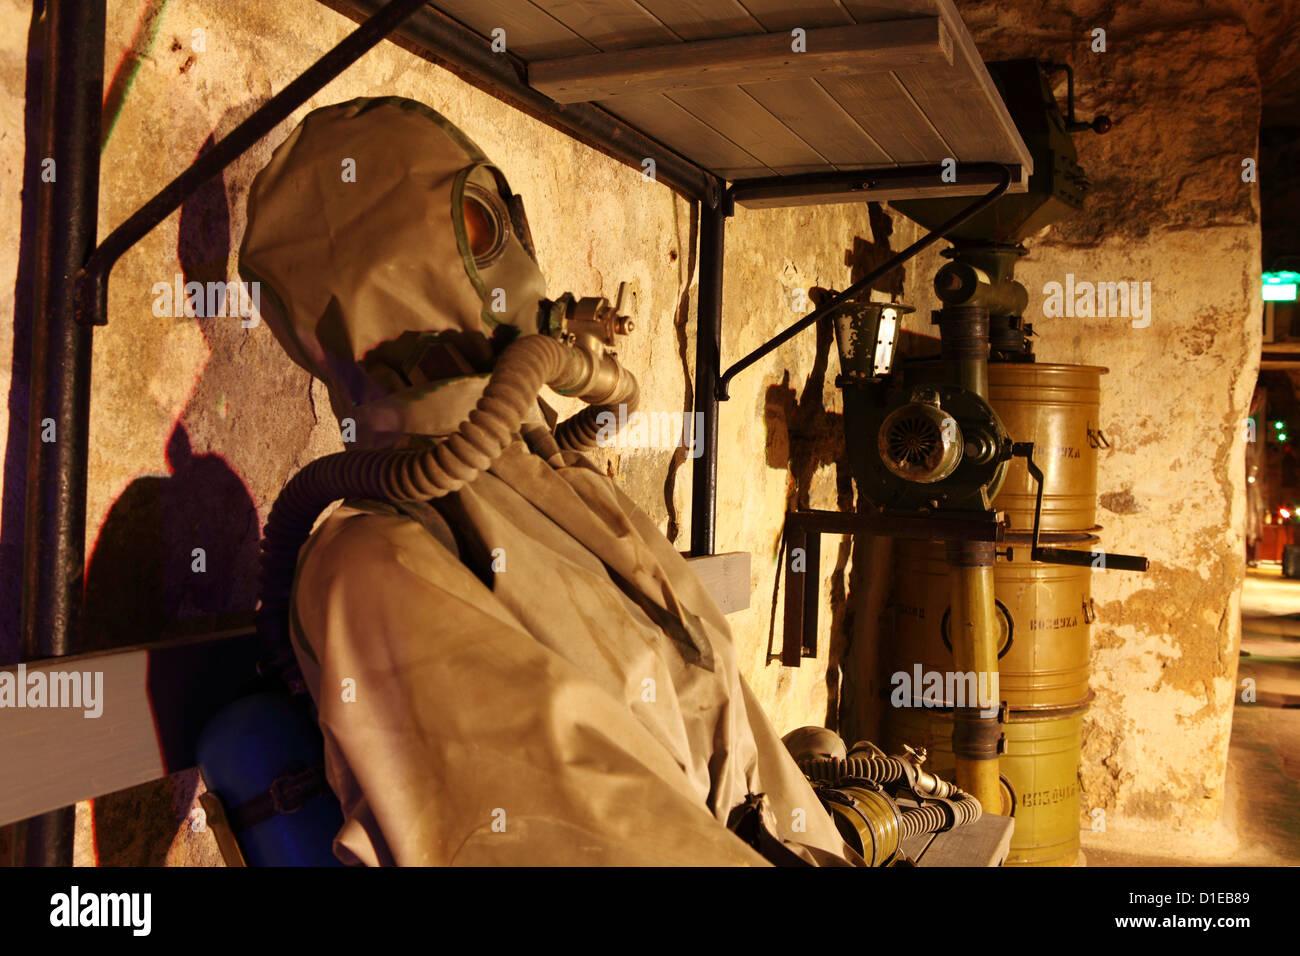 Visualización de la época de la guerra fría en el Bastión pasajes subterráneos, y una parte Imagen De Stock